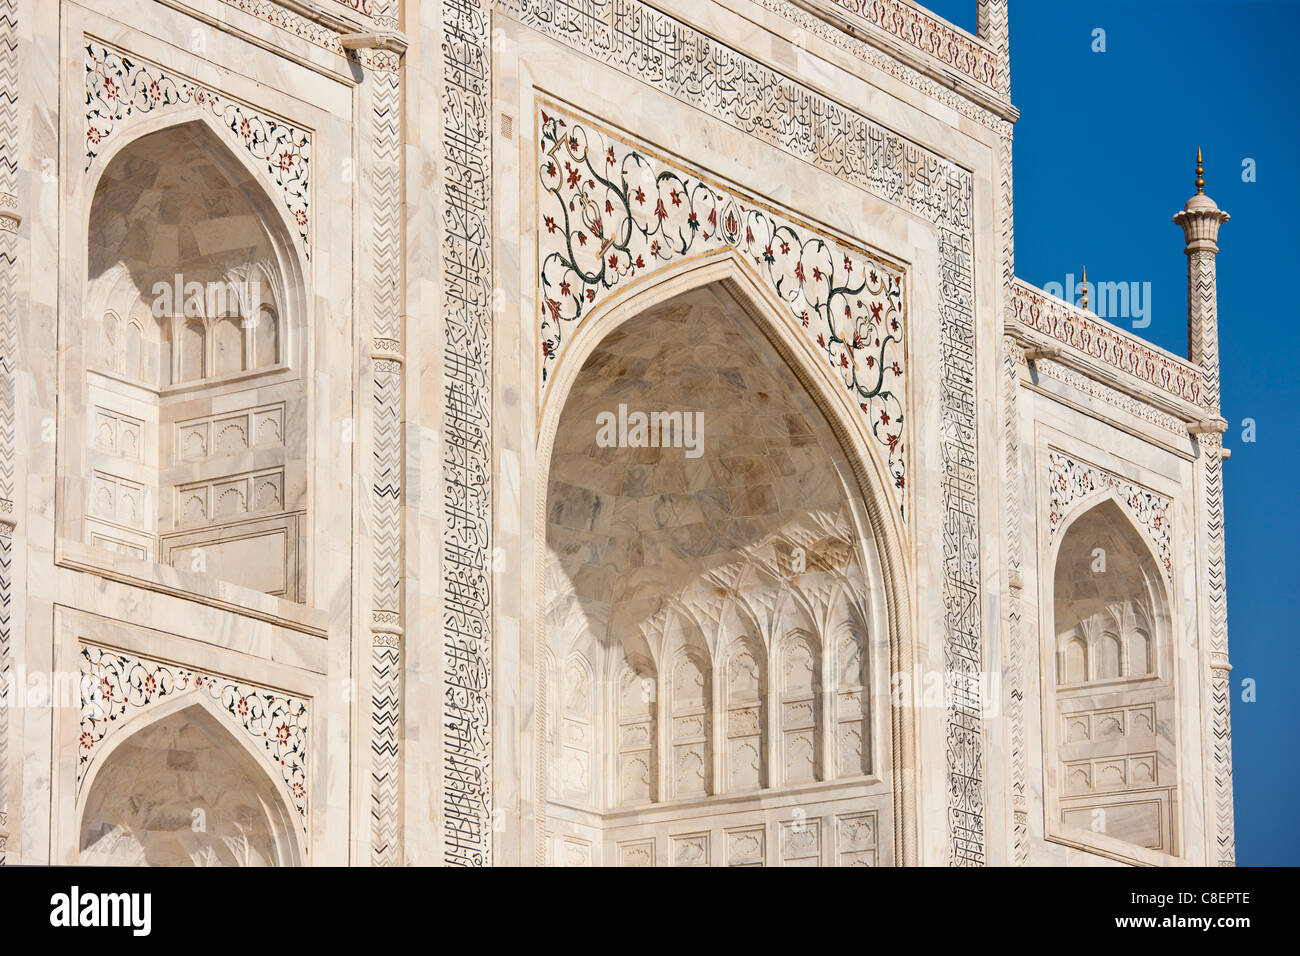 Iwans du Mausolée du Taj Mahal, le sud de l'Voir le détail diamond facettes avec bas-relief de marbre, Photo Stock